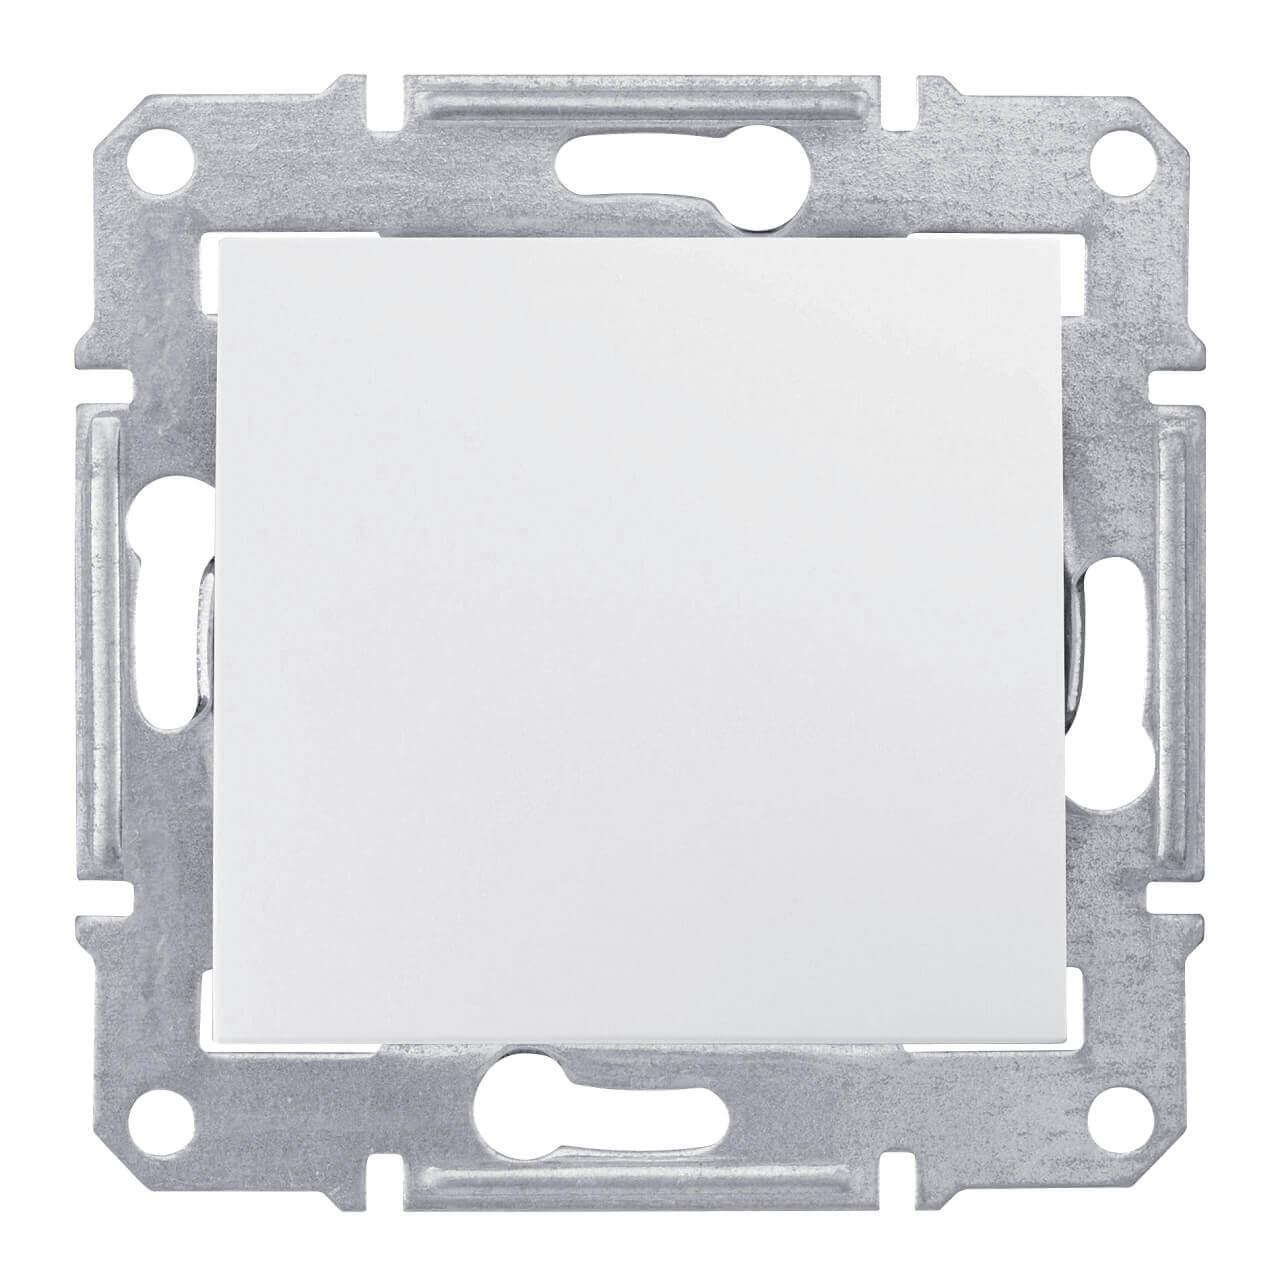 Выключатель Schneider Electric SDN0400521 Sedna переключатель одноклавишный schneider electric sedna 10a 250v sdn0400170